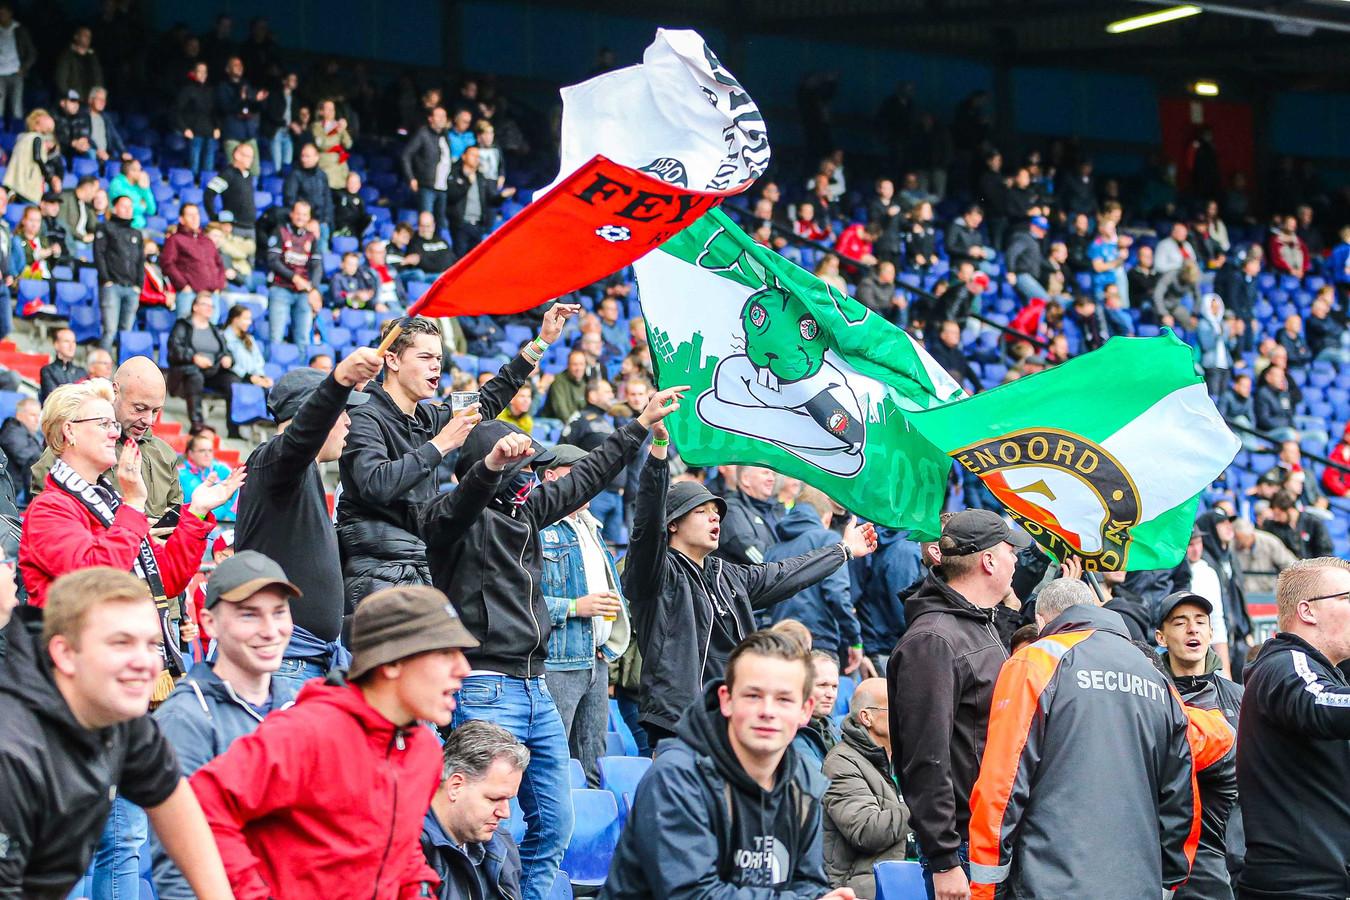 Supporters van Feyenoord aan het begin van het seizoen in de thuiswedstrijd tegen ADO Den Haag.